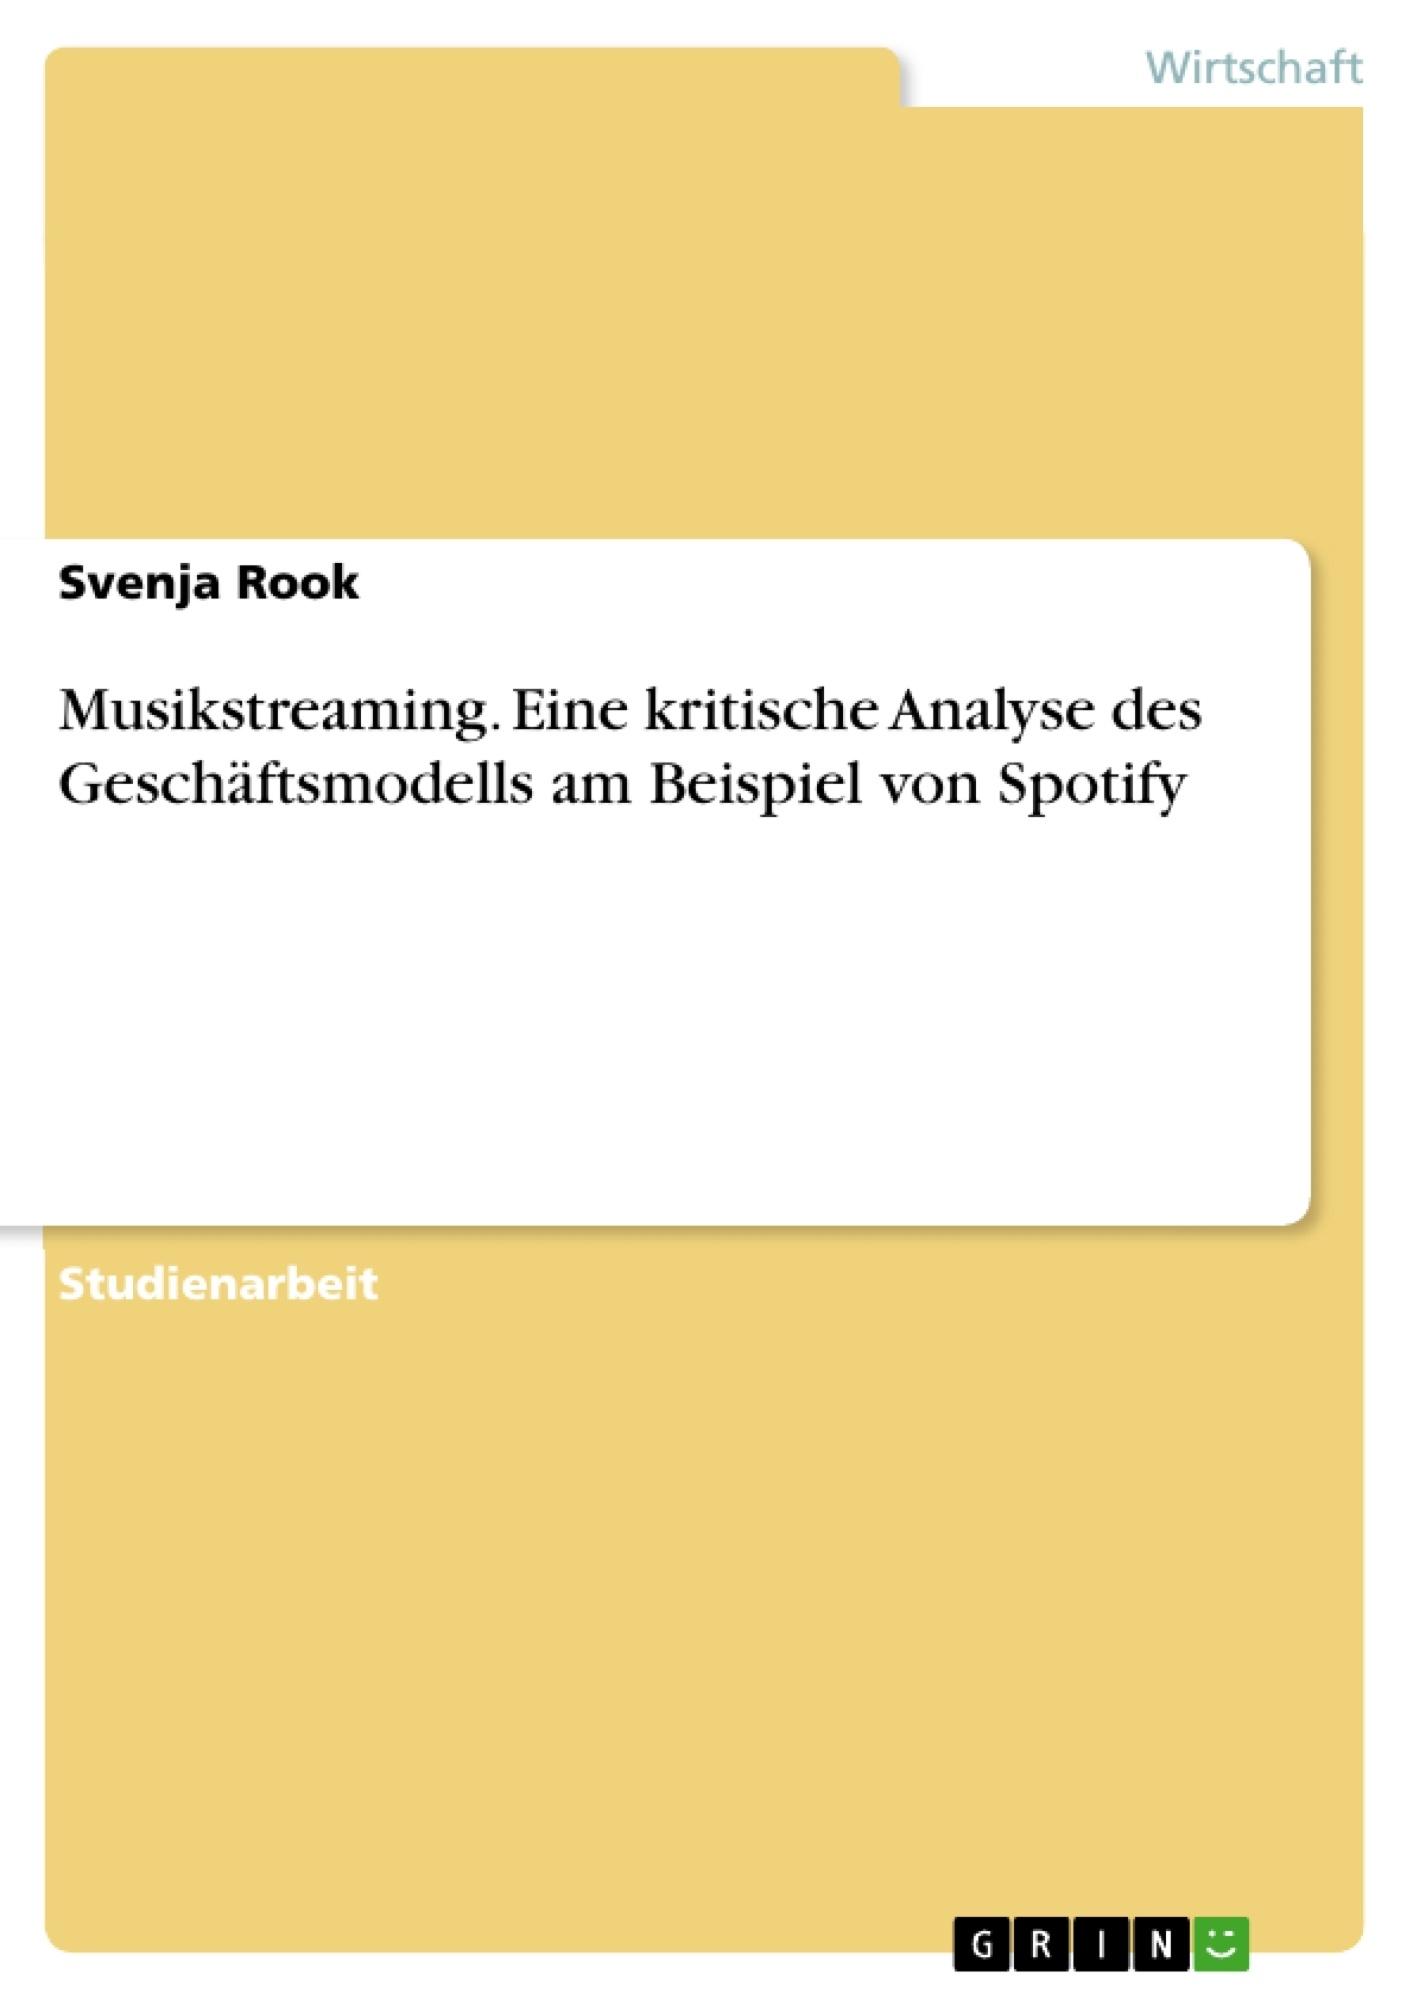 Titel: Musikstreaming. Eine kritische Analyse des Geschäftsmodells am Beispiel von Spotify